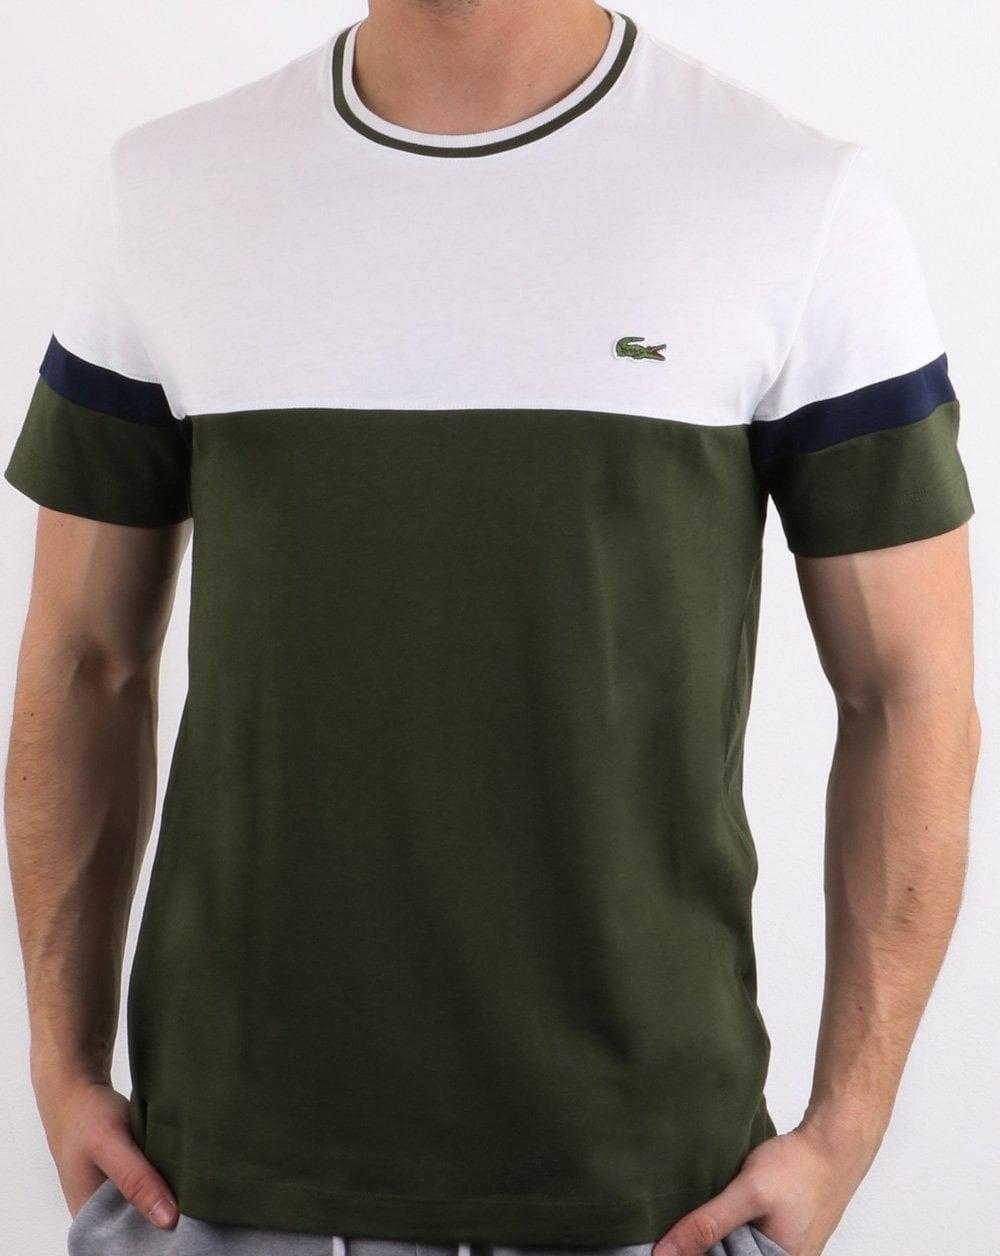 8e0d4d7c Lacoste Logo T-shirt White & Olive